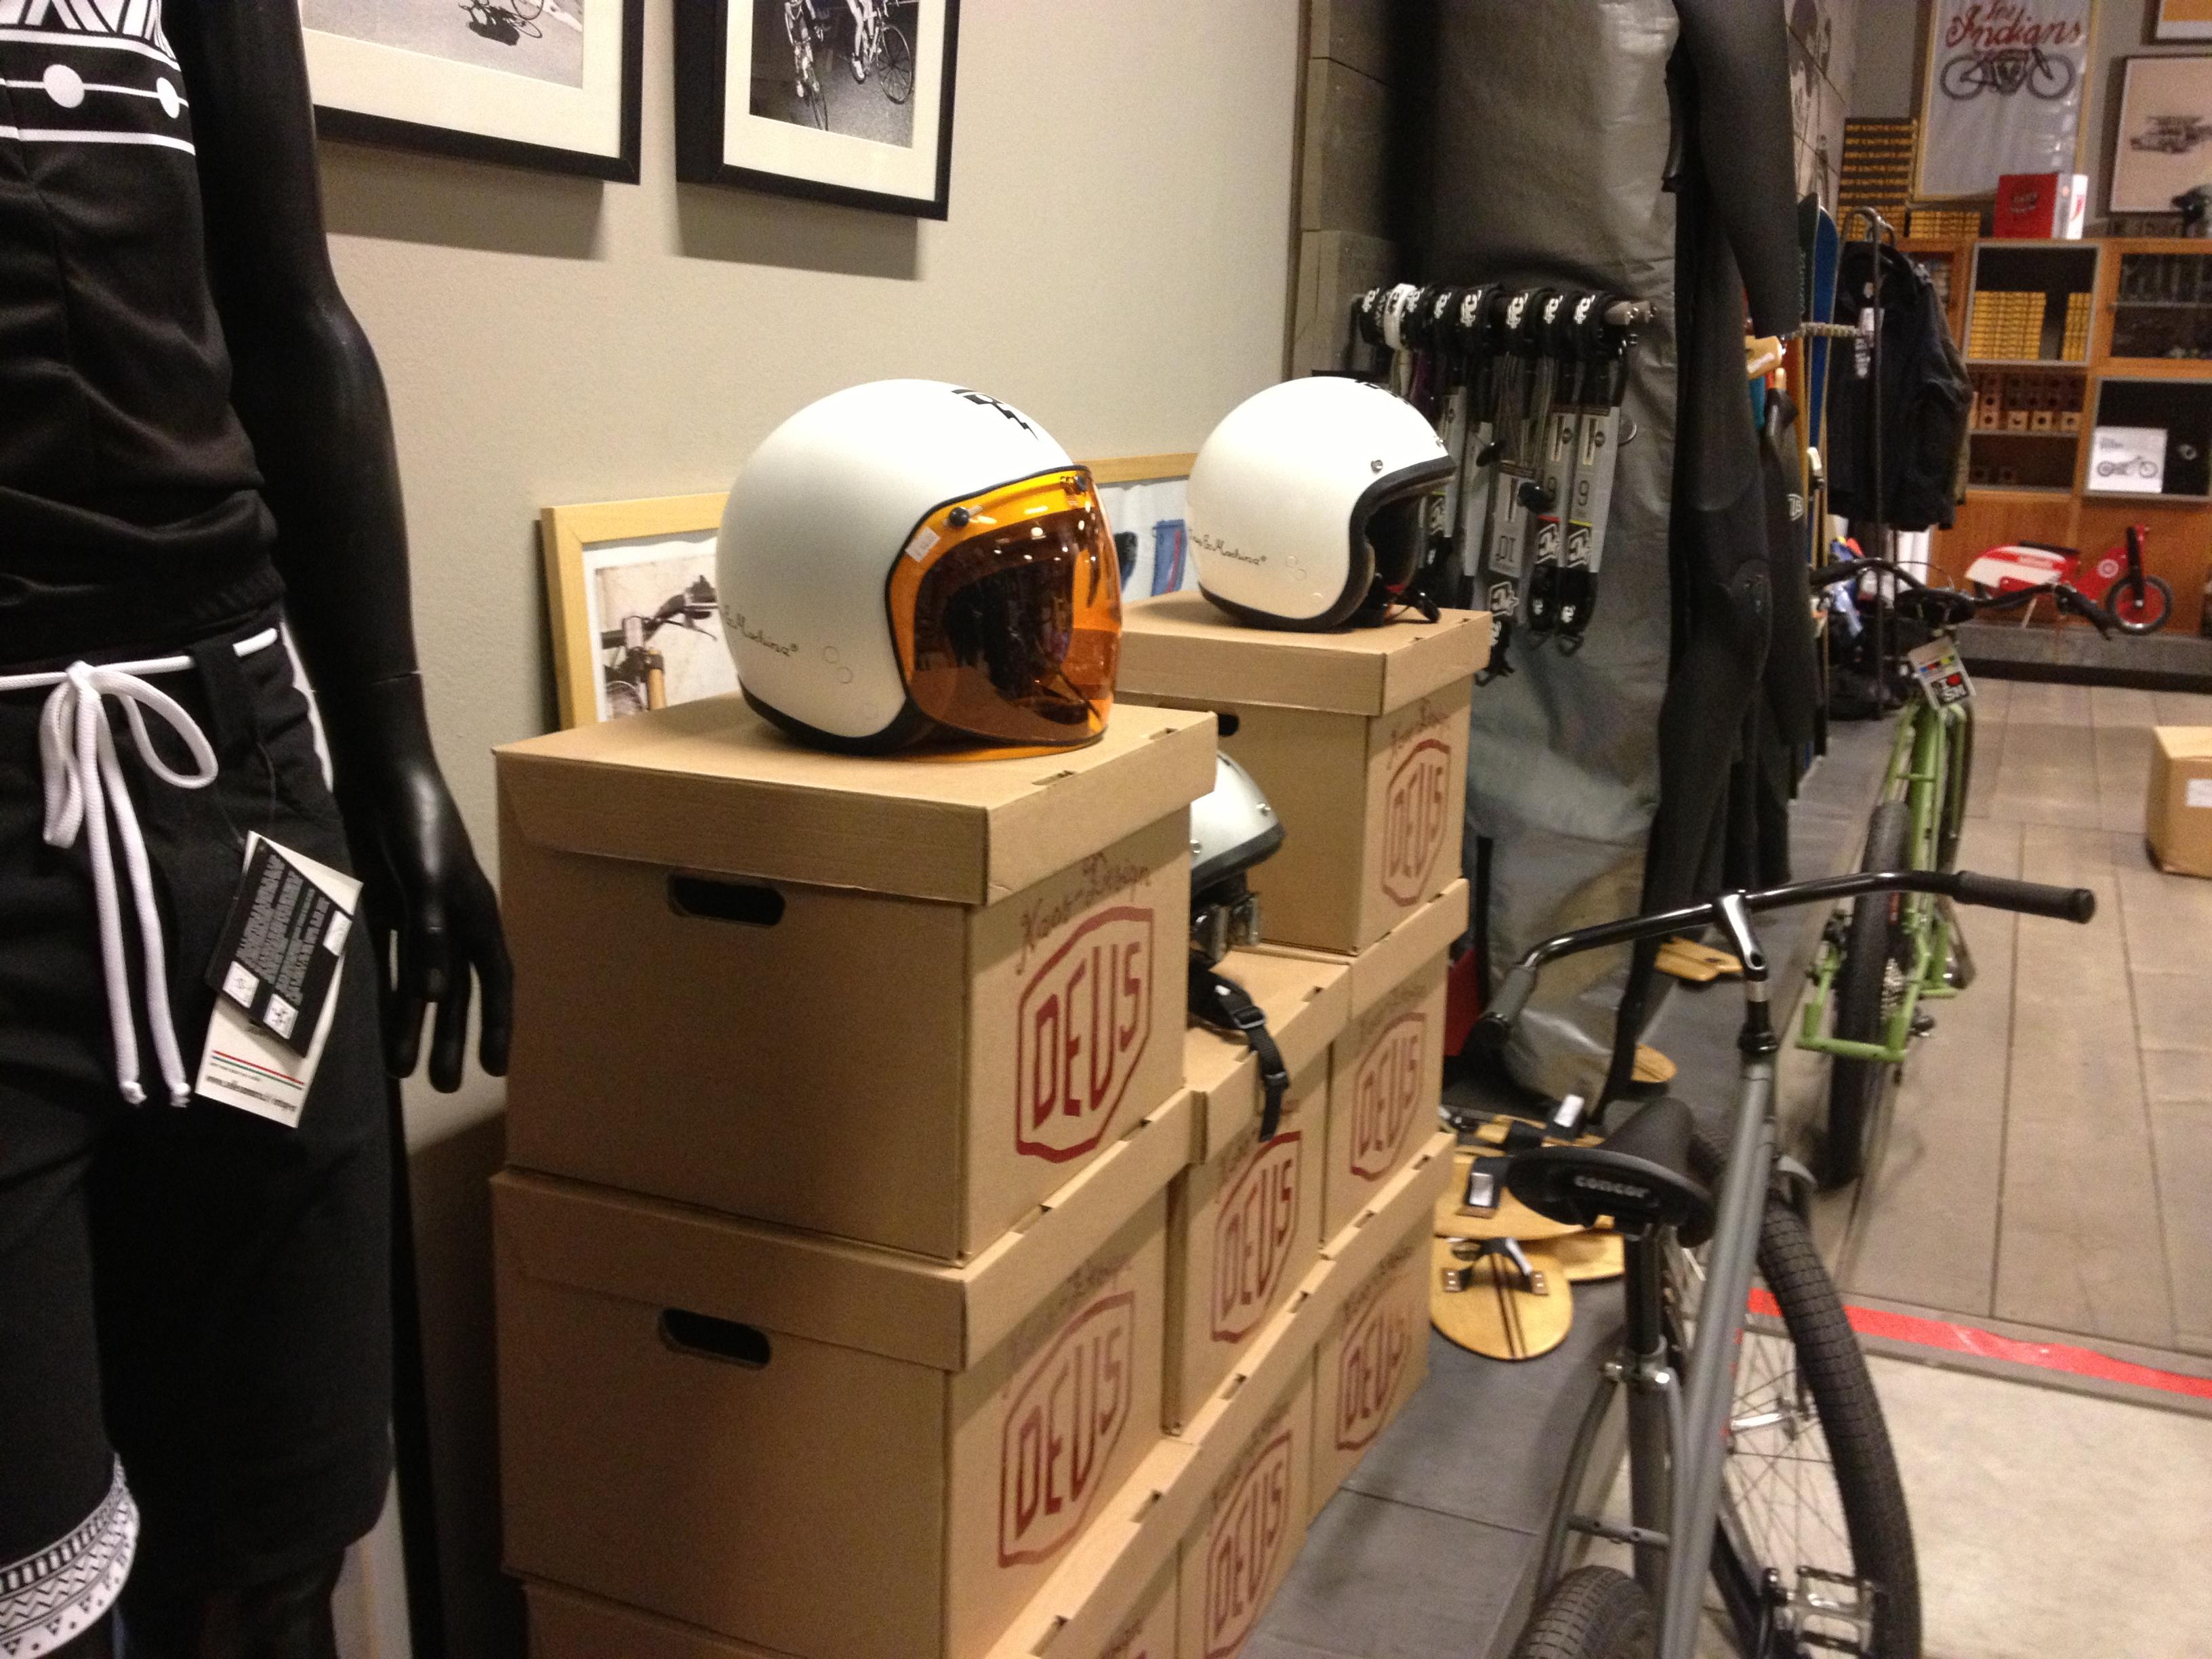 Oil13 - Deus ex Machina Milán - Helmets